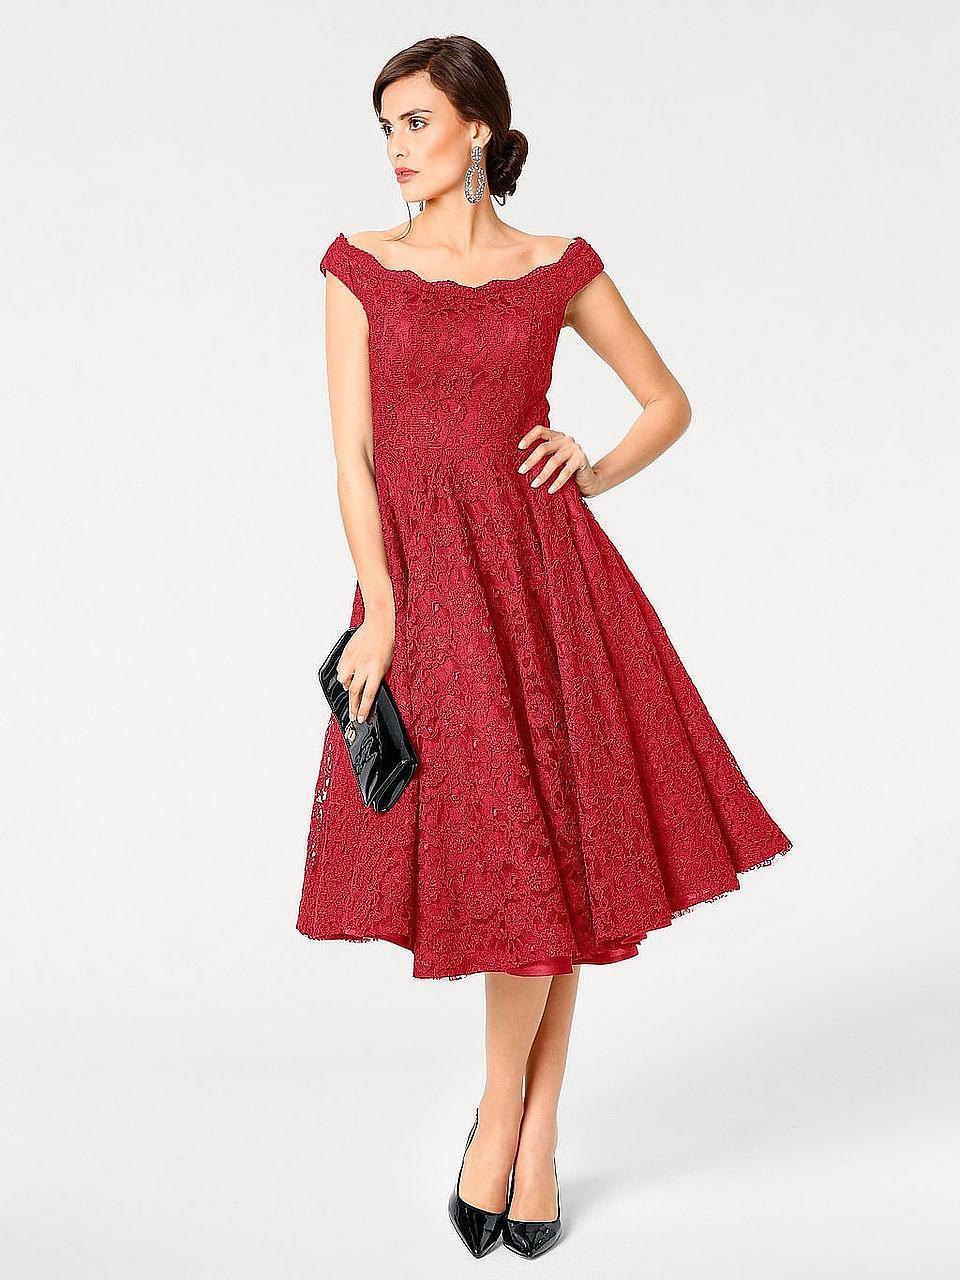 Cocktailkleid mit Petticoat mit Petticoat für Damen bestellen